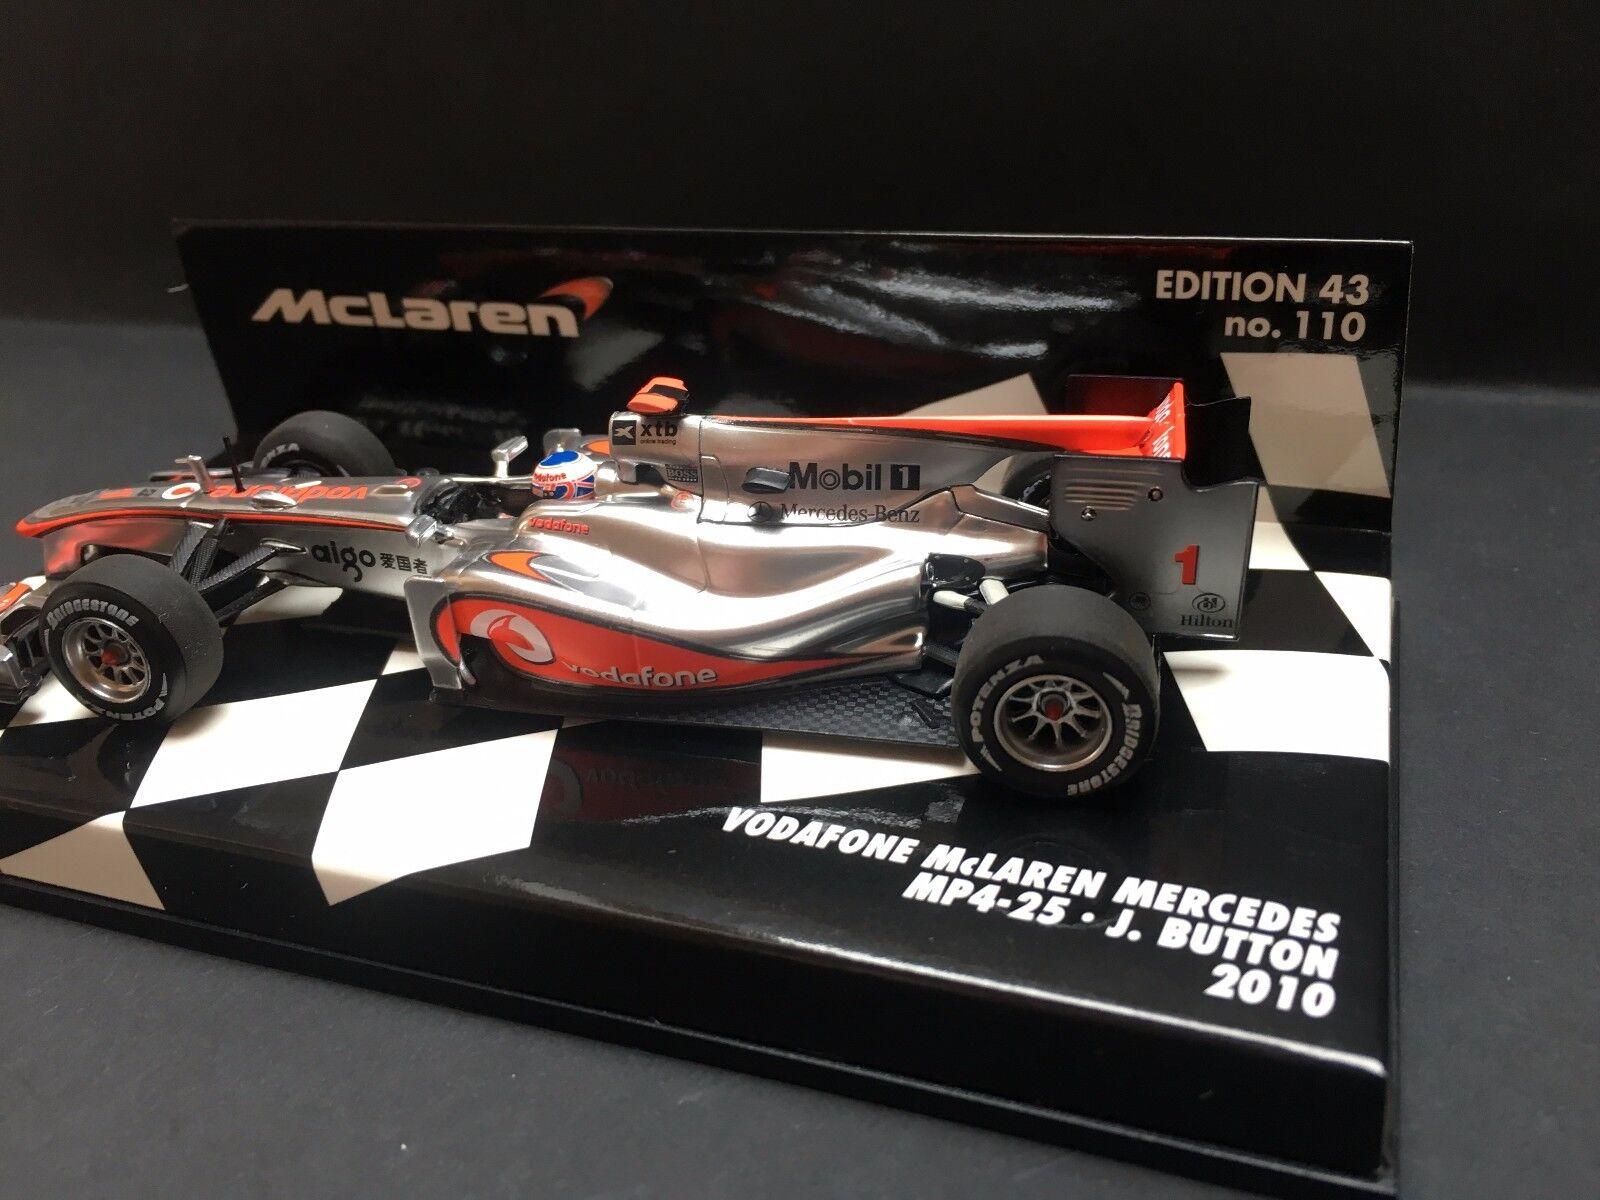 Minichamps - Jenson Button - McLaren - Mp4 25 - - - 2010 -1 43 afd13f